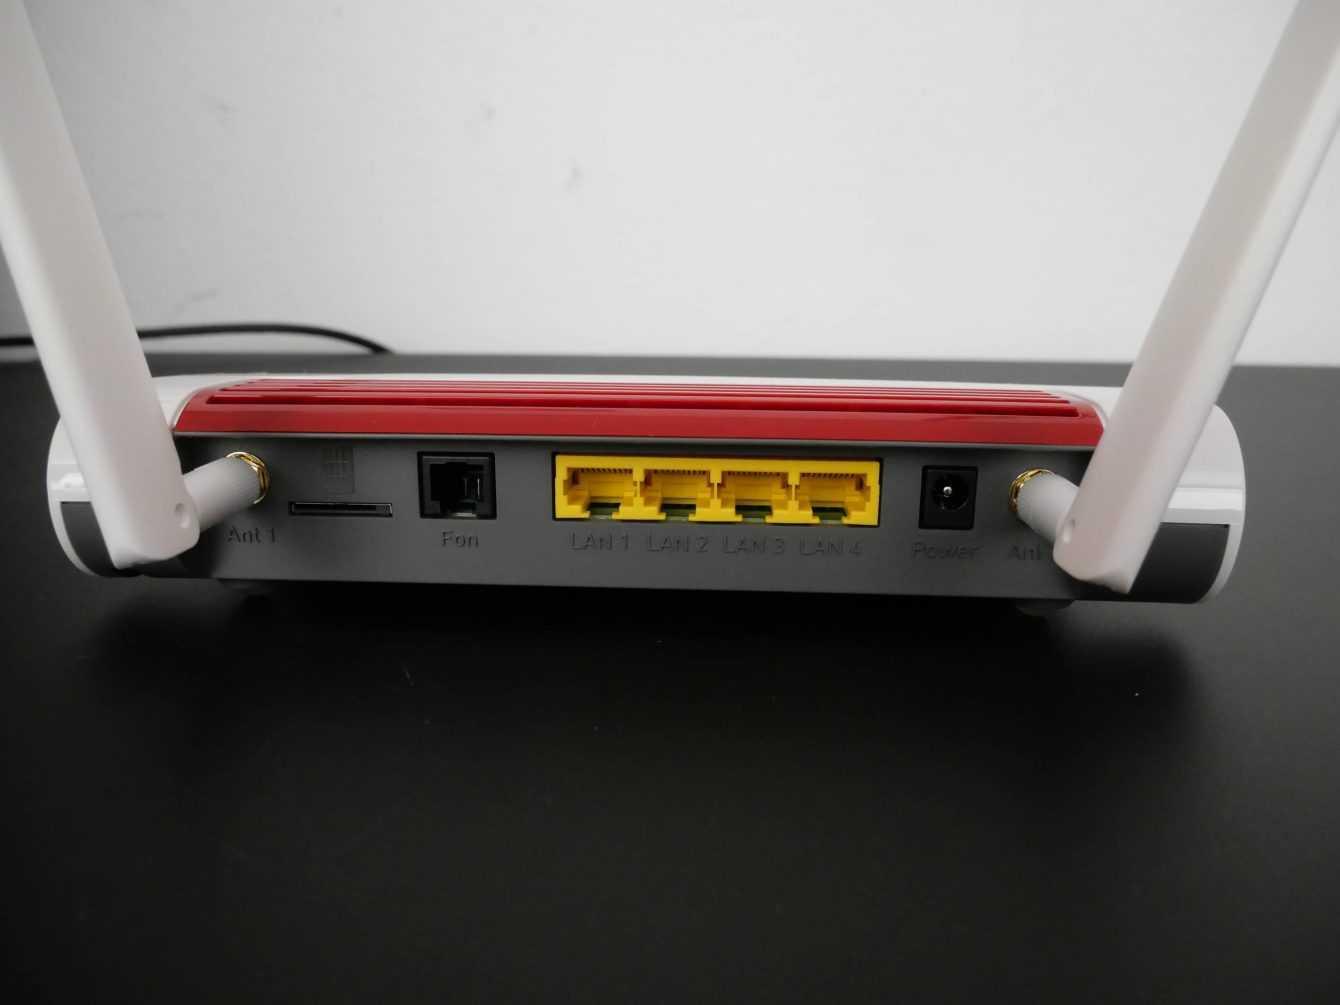 Recensione FRITZ!Box 6850 LTE: il best buy per reti LTE?